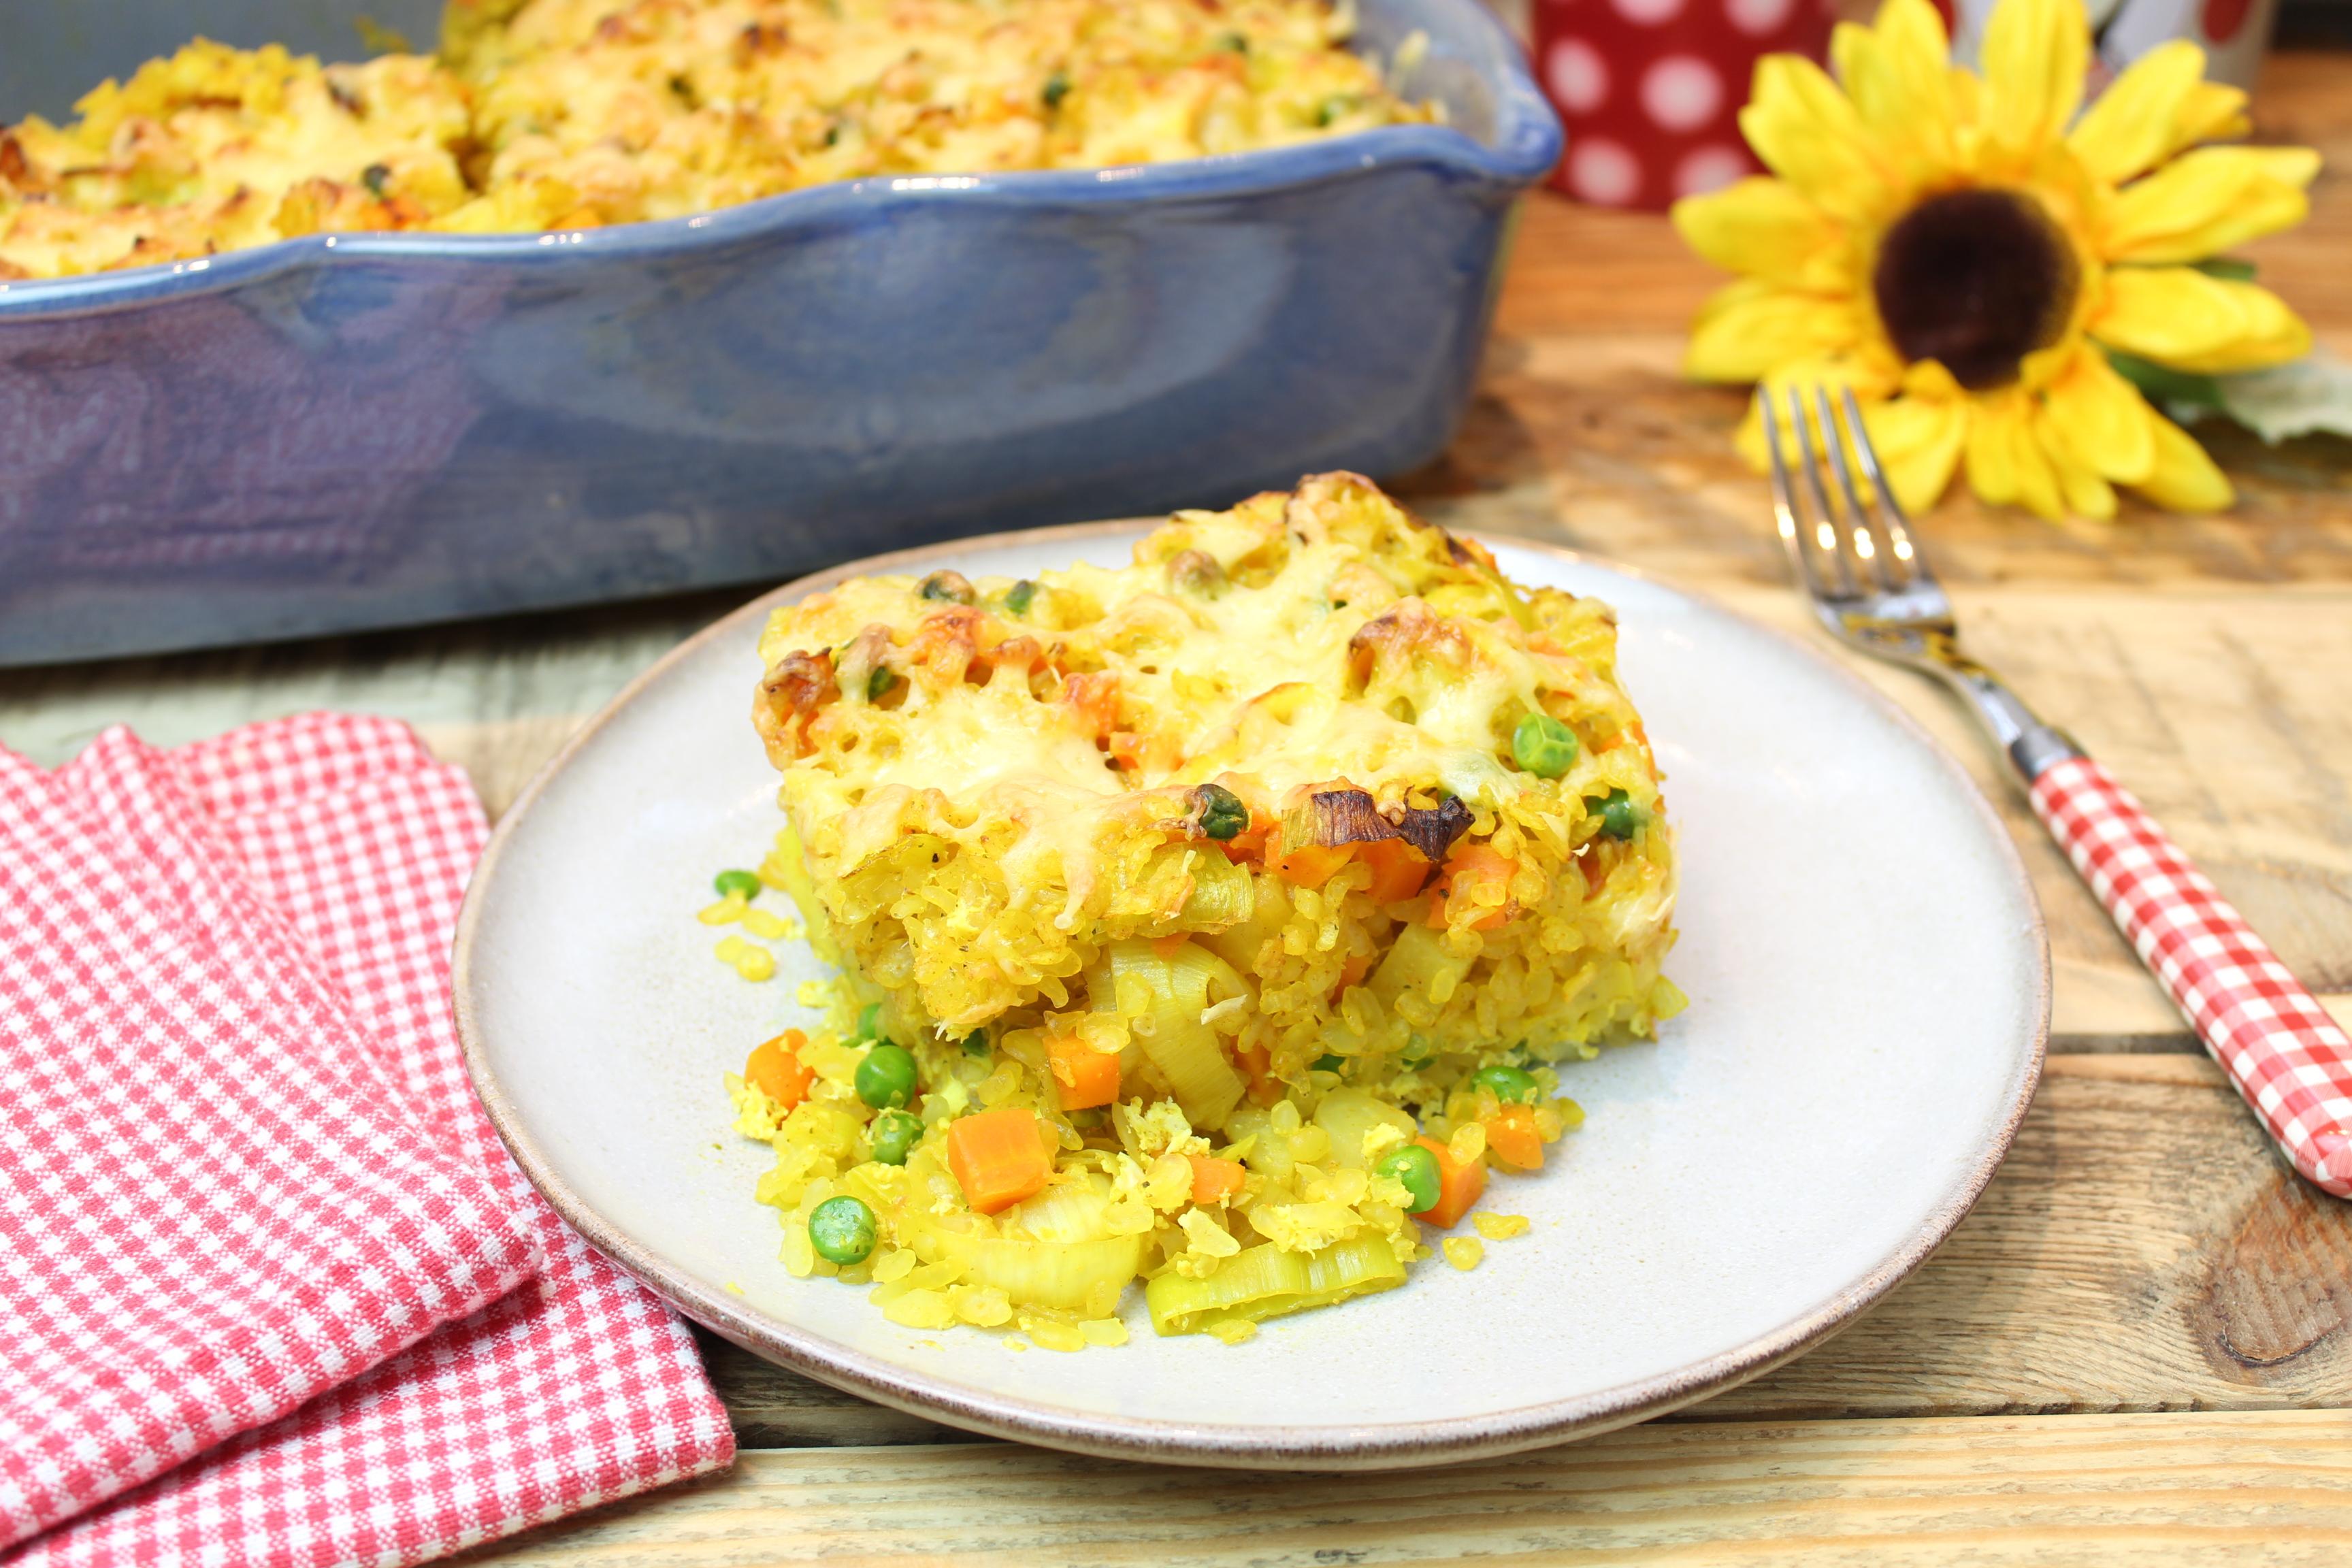 Gemüse-Konjakreisauflauf mit Curry und Ei